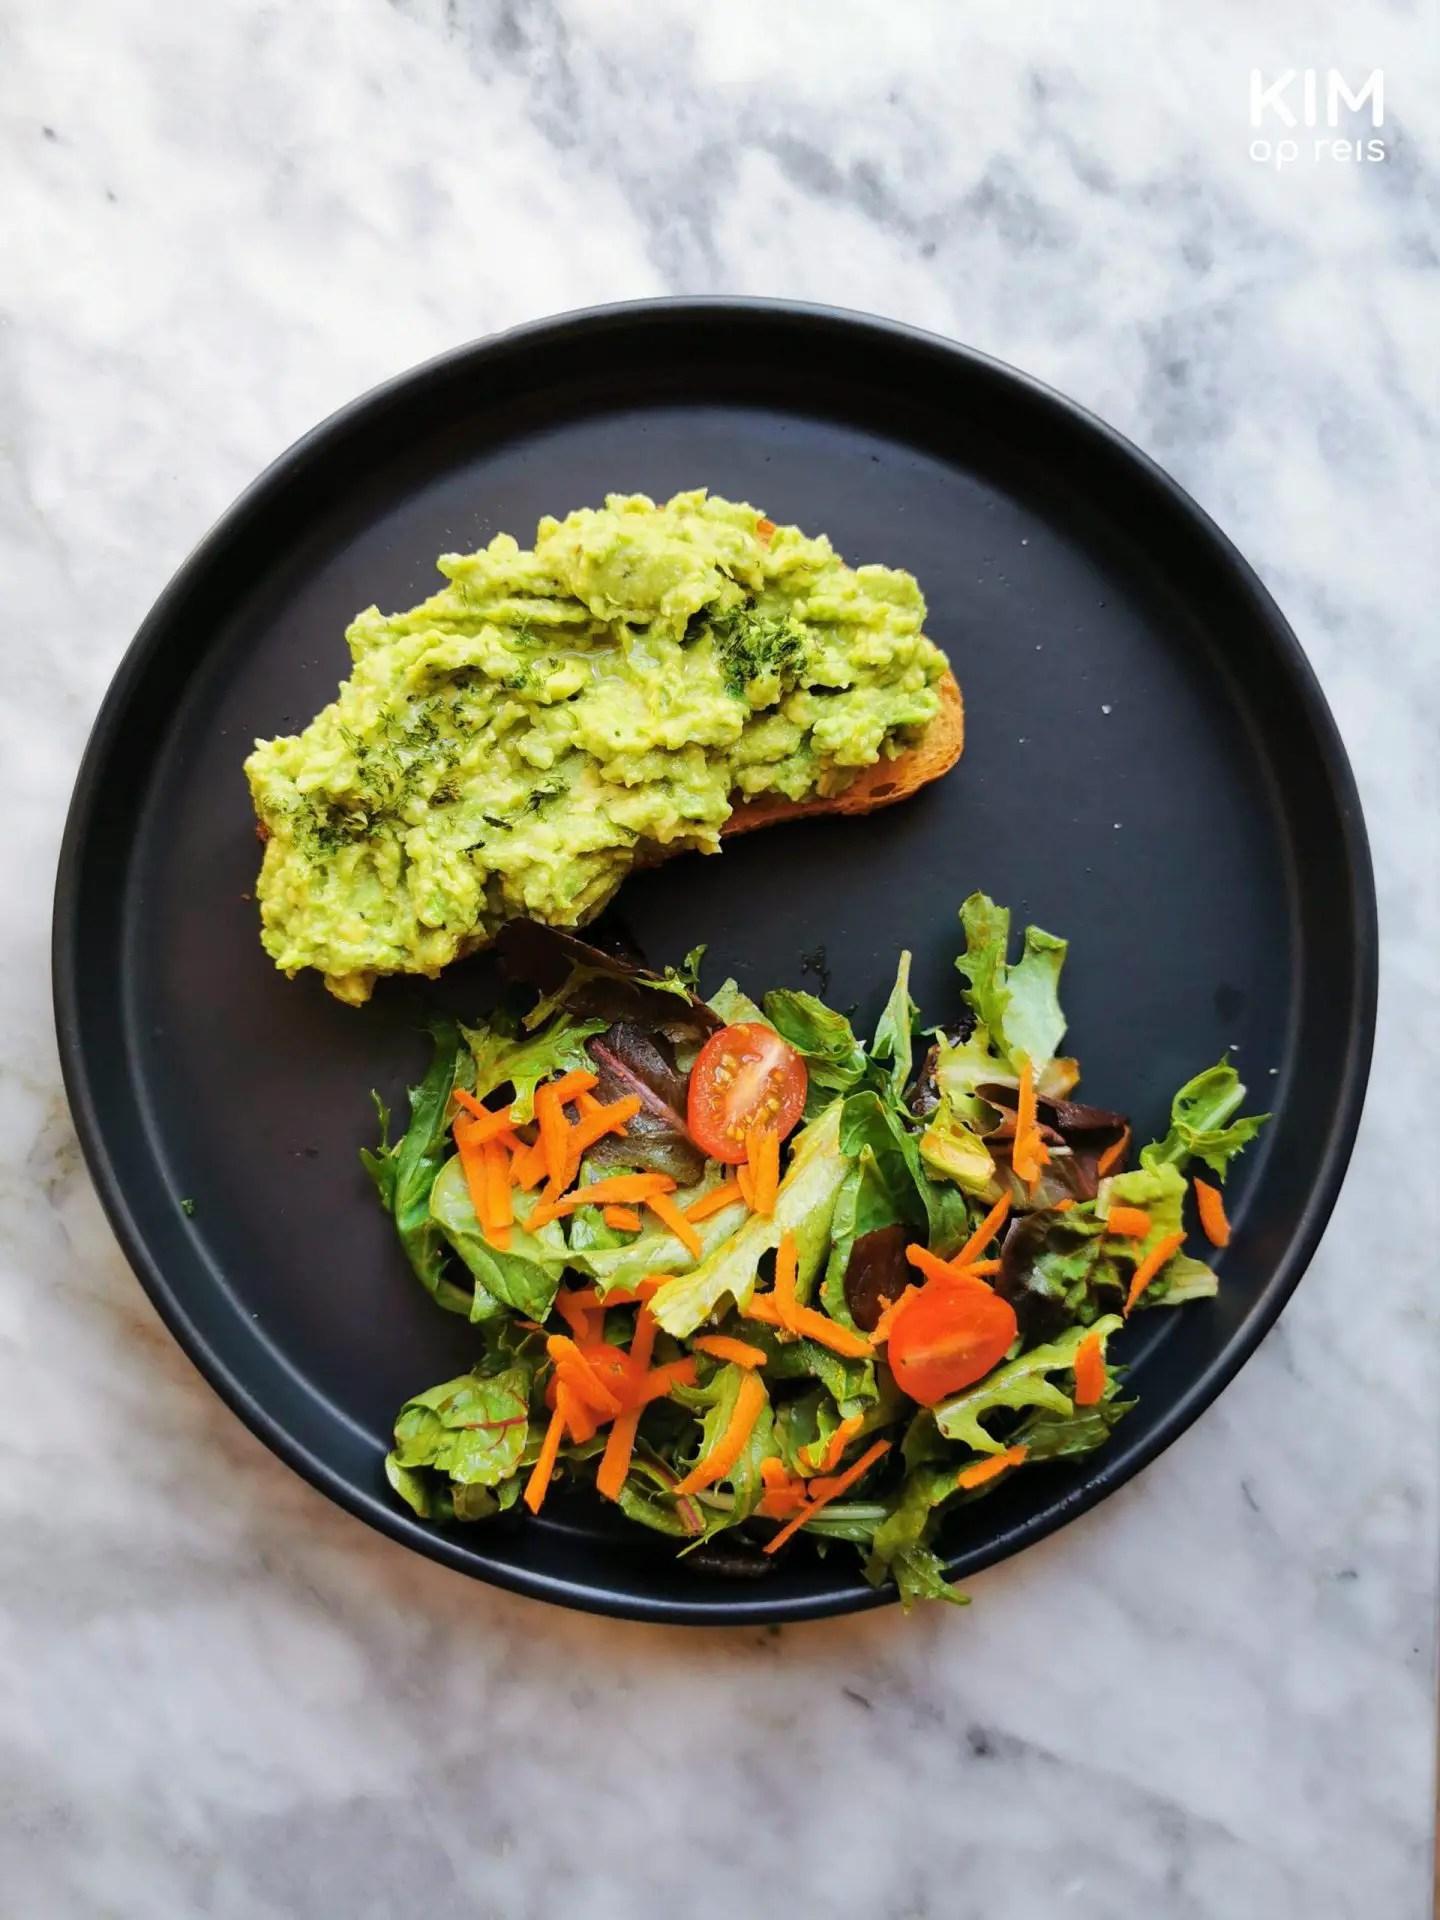 Ontbijt Mérida Marmalade: donker bord op een marmer tafel met een toast met avocado en ernaast een salade